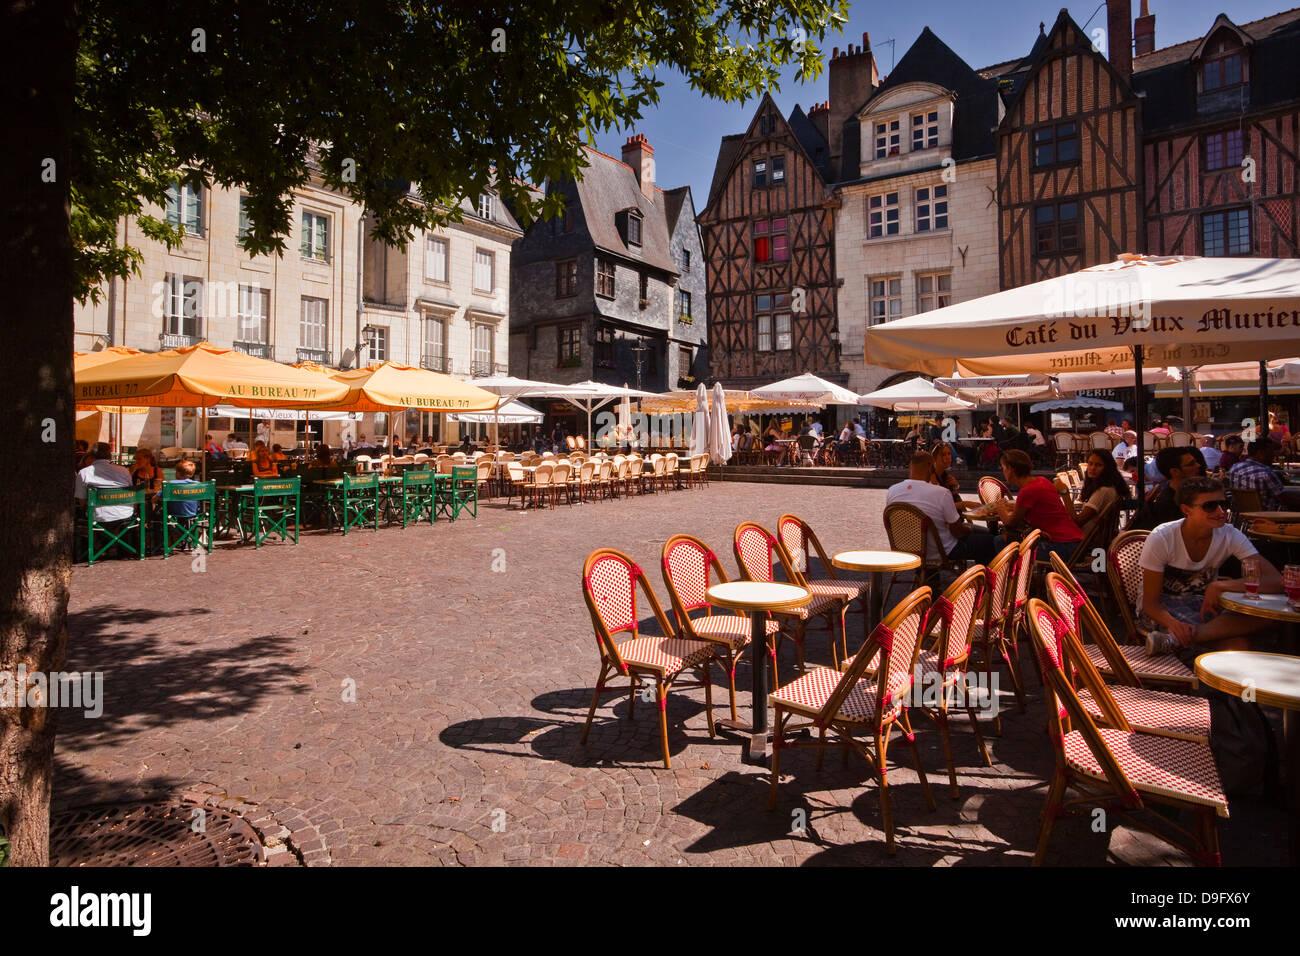 People enjoying the restaurants in Place Plumereau, Vieux Tours, Tours, Indre-et-Loire, Centre, France - Stock Image